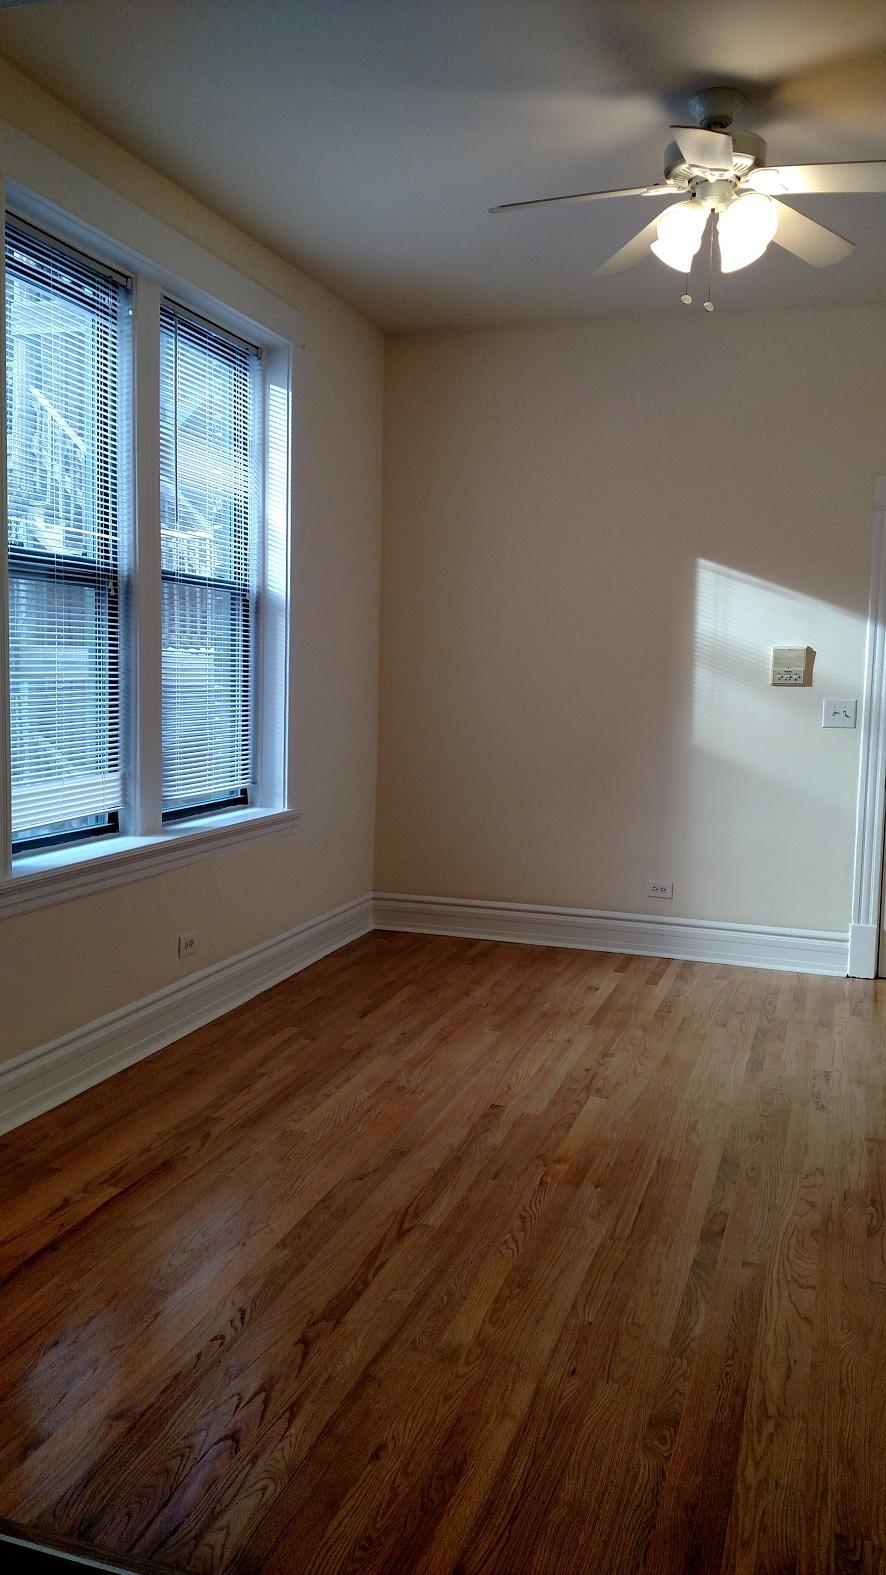 #1R lv rm with new wood floors.jpg